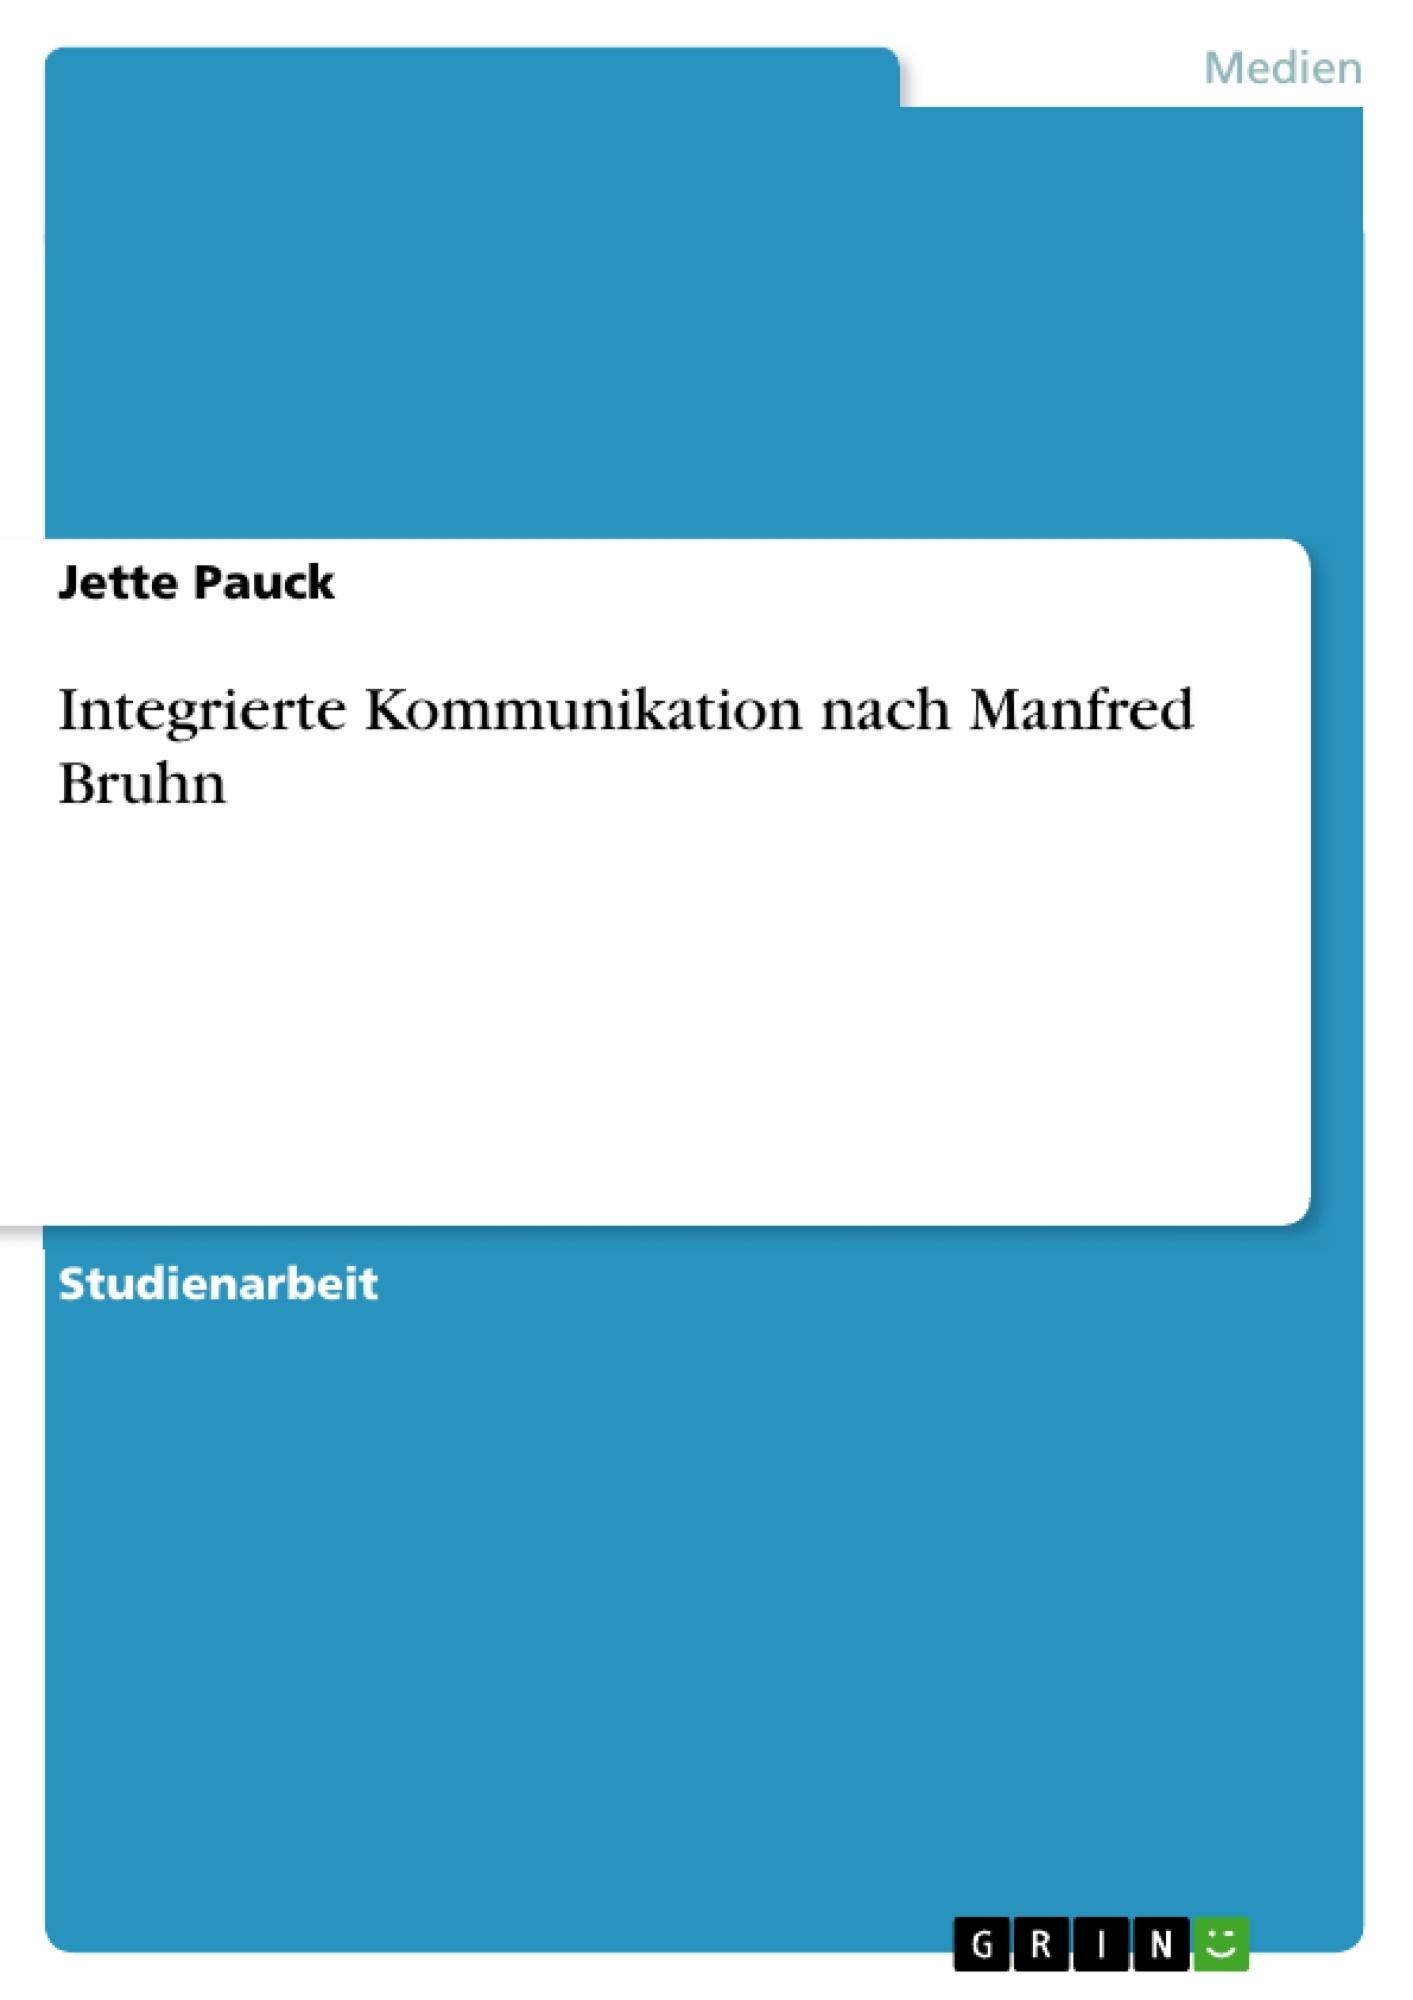 Titel: Integrierte Kommunikation nach Manfred Bruhn